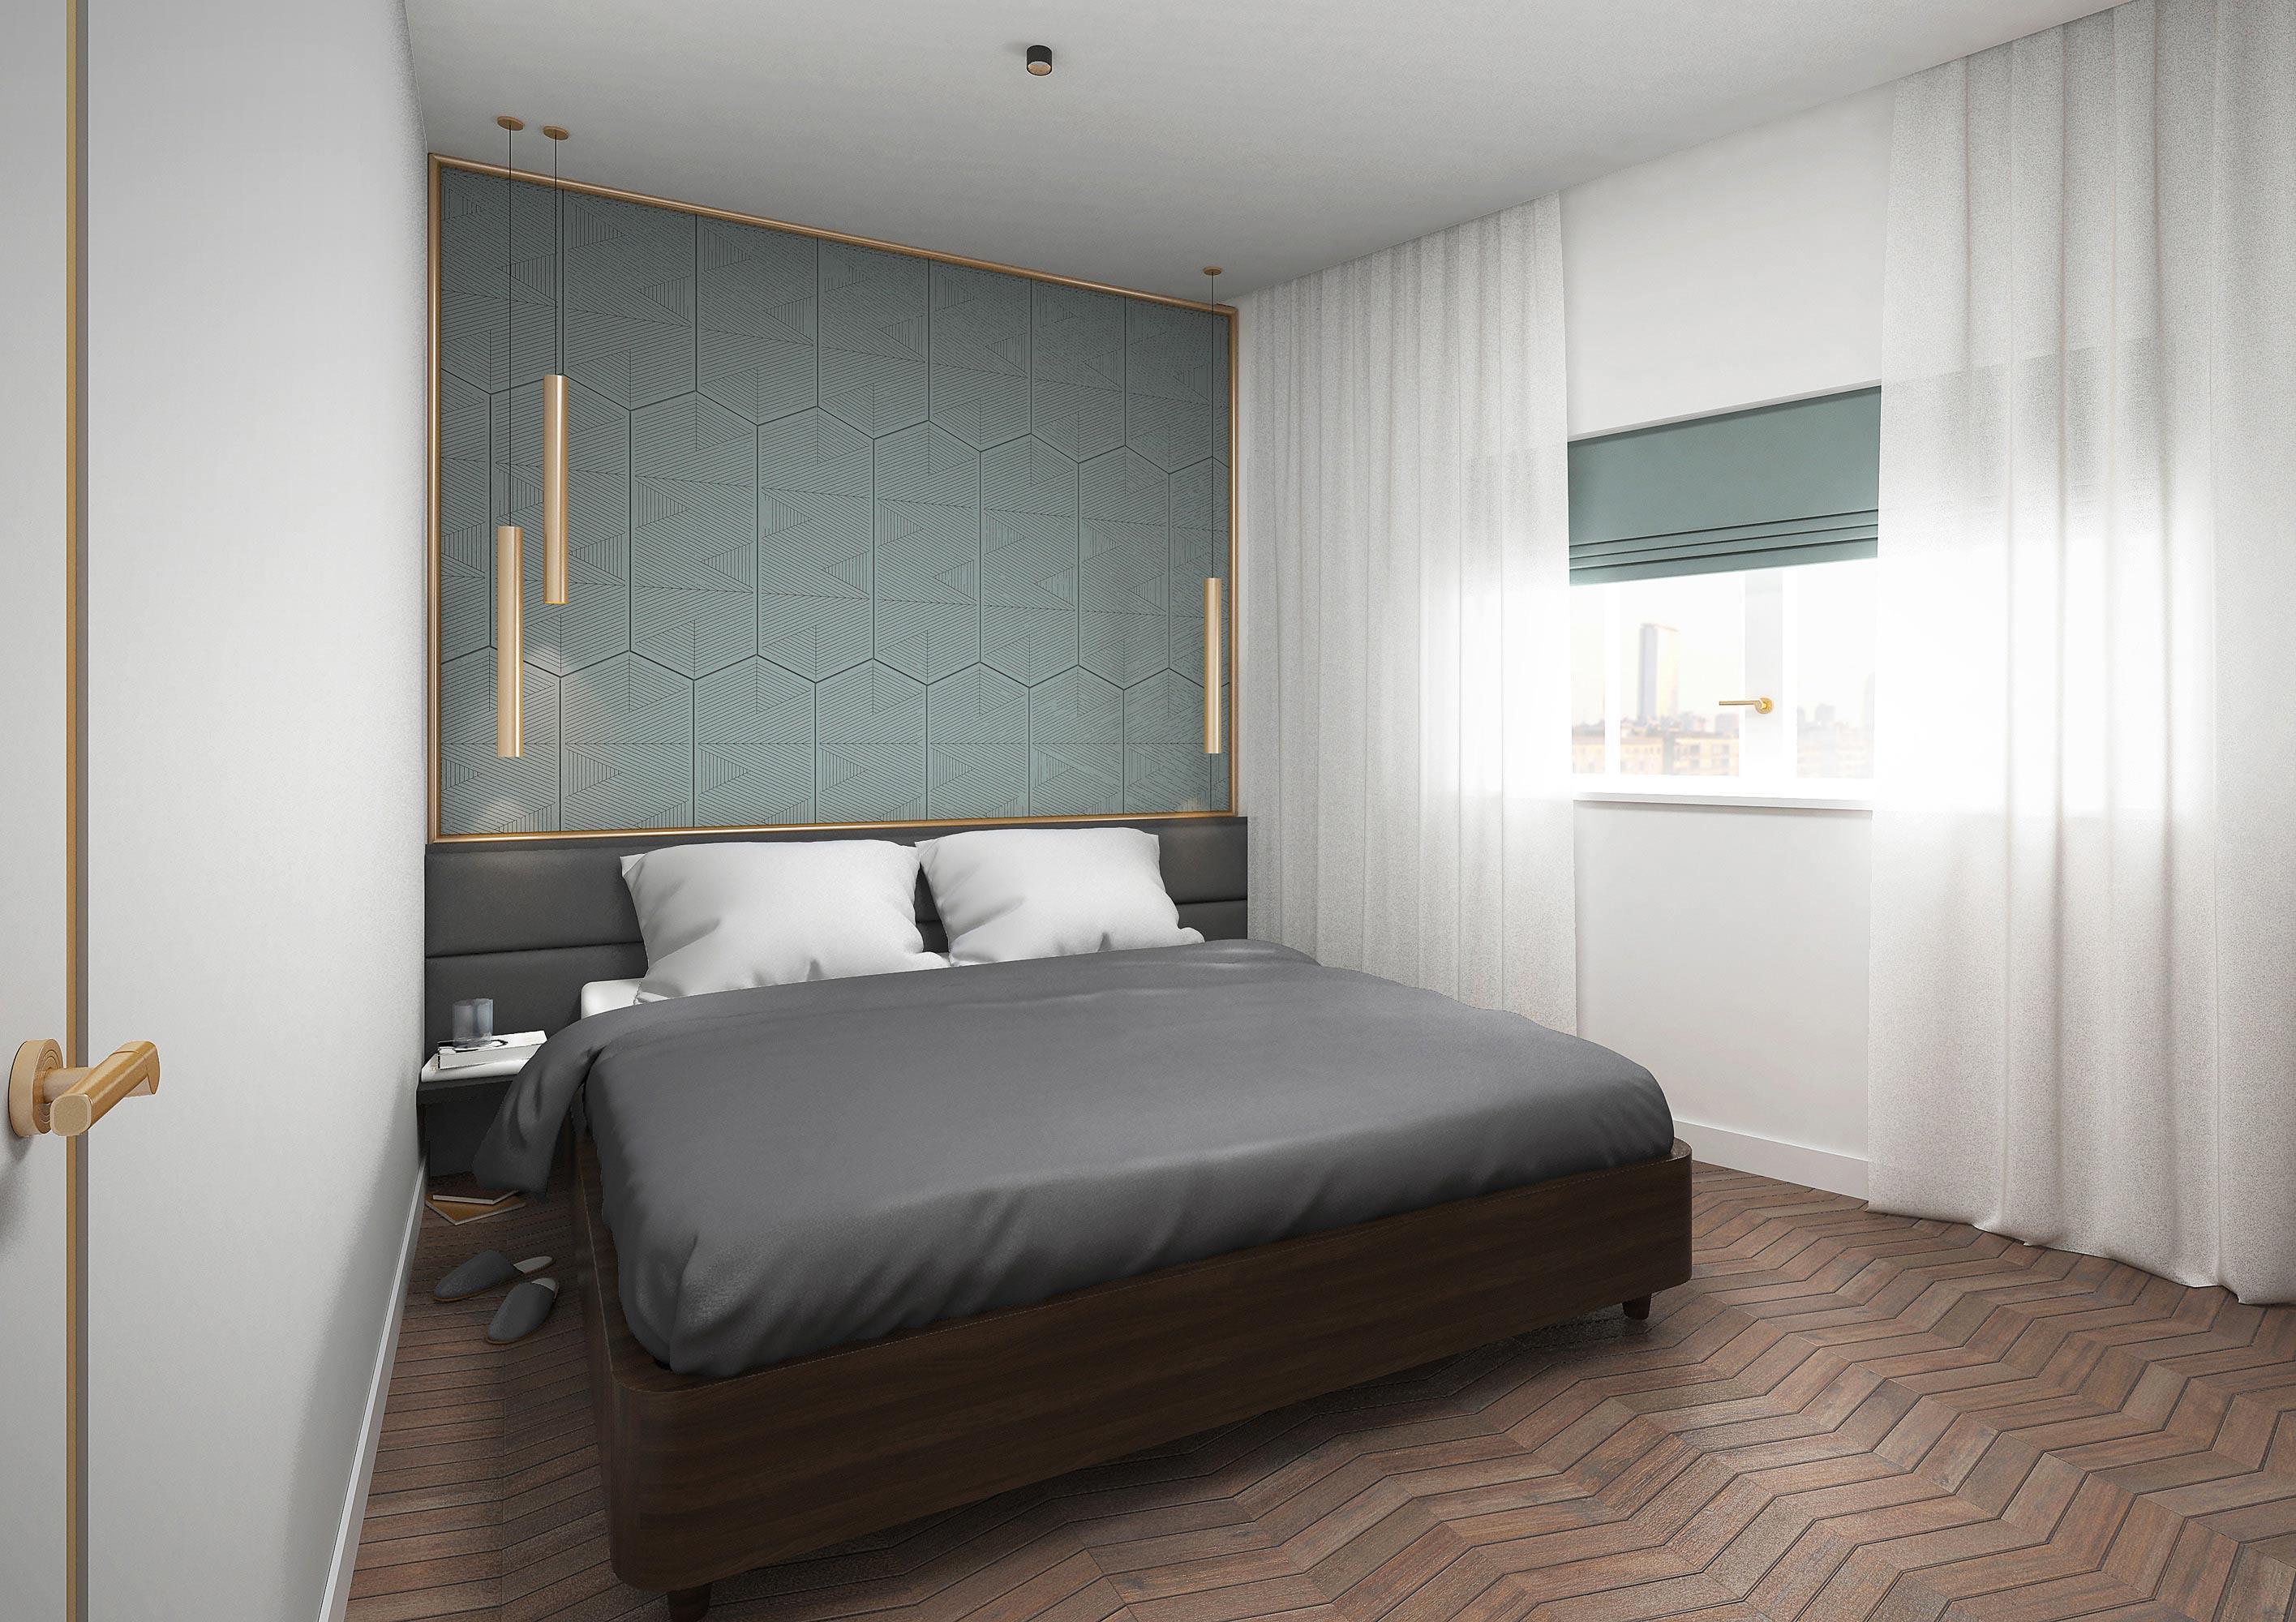 bedroom in Milan